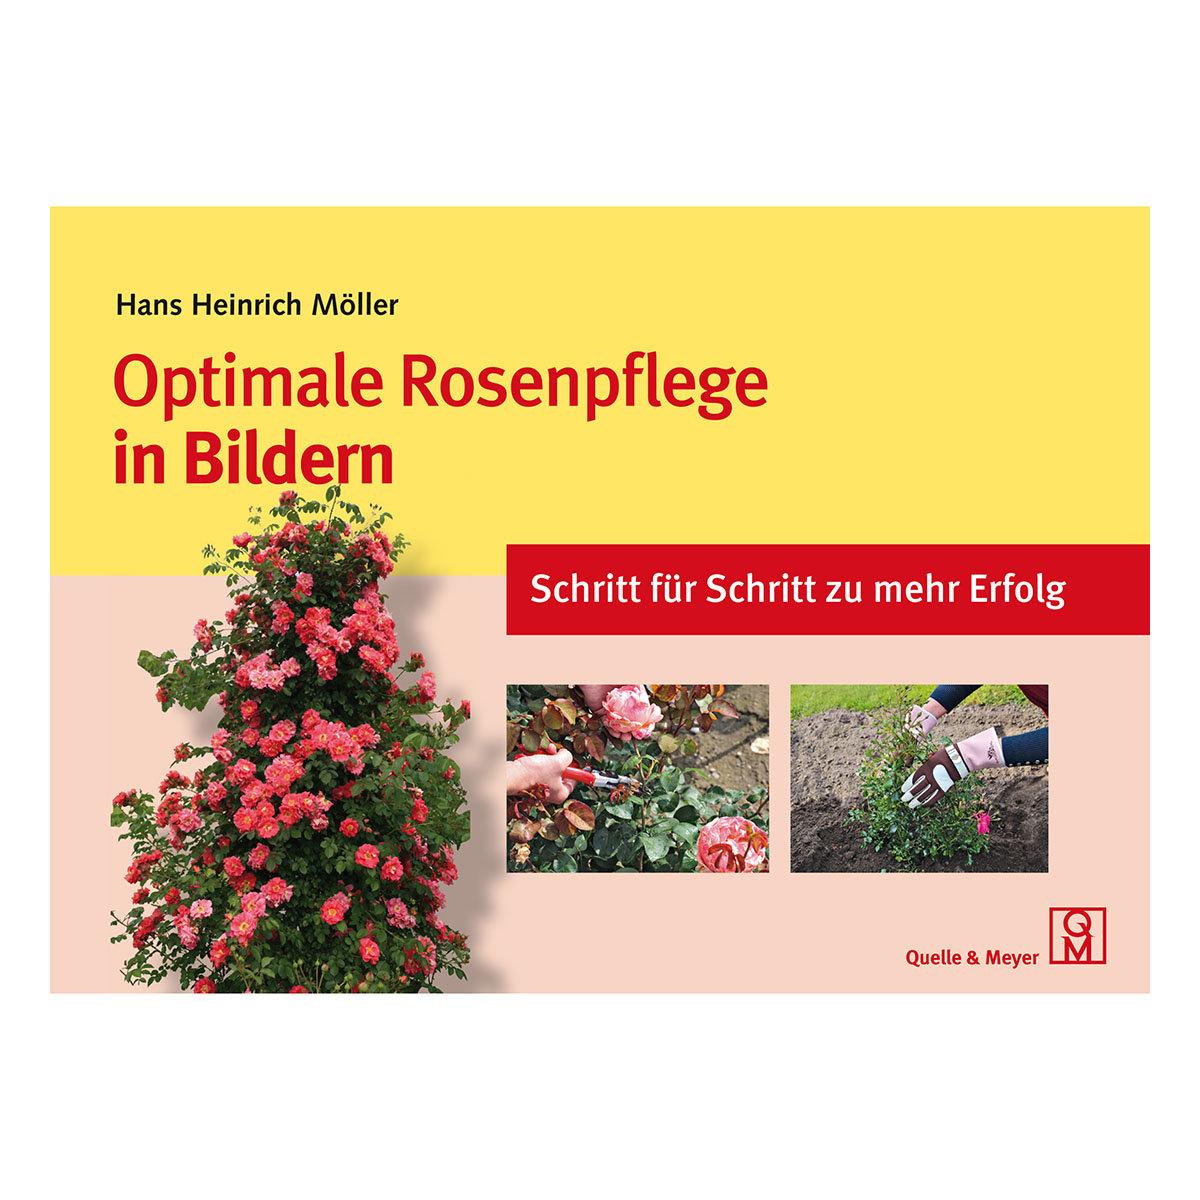 Optimale Rosenpflege in Bildern - Schritt für Schritt zu mehr Erfolg